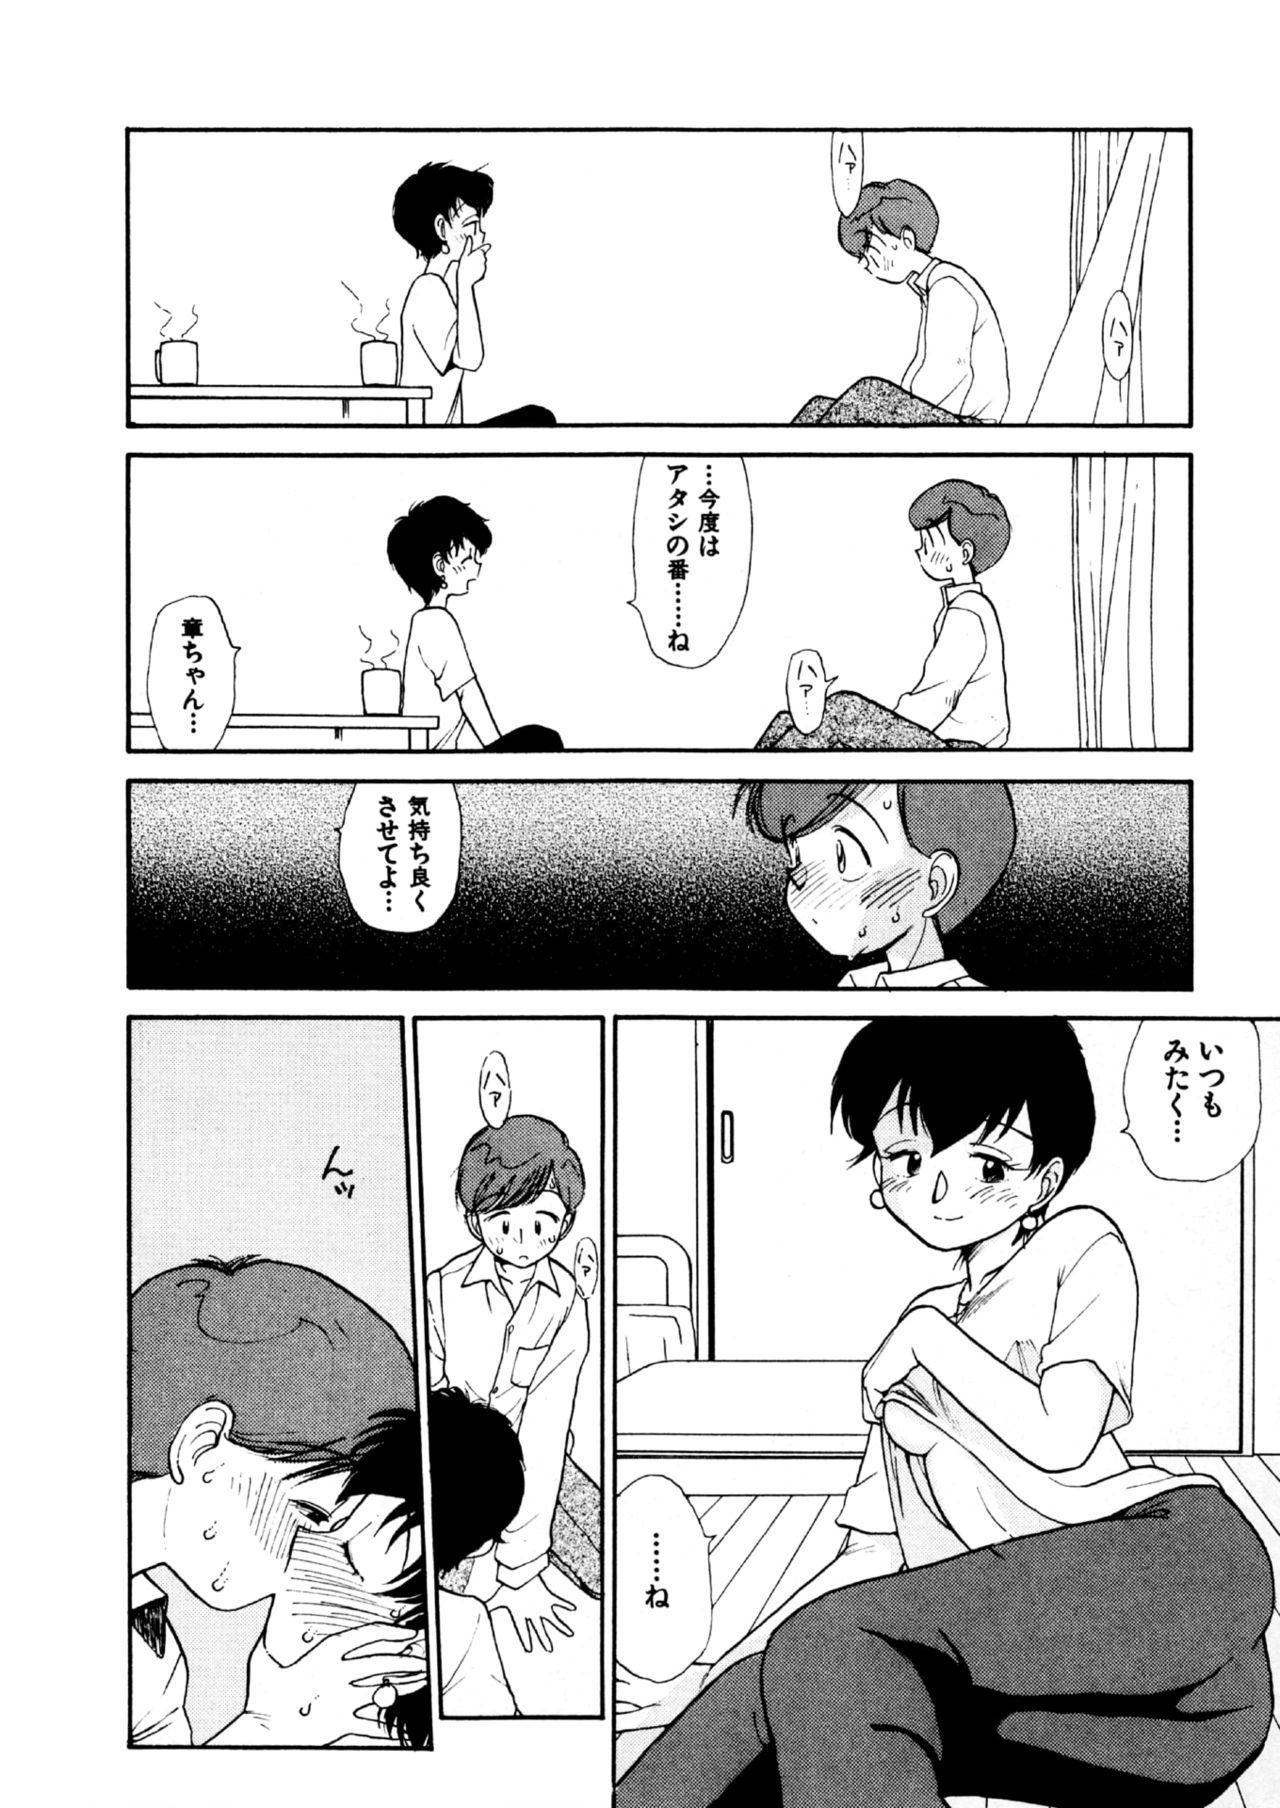 COMIC Kairakuten 25 Shuunen kinen tokubetsugou 14